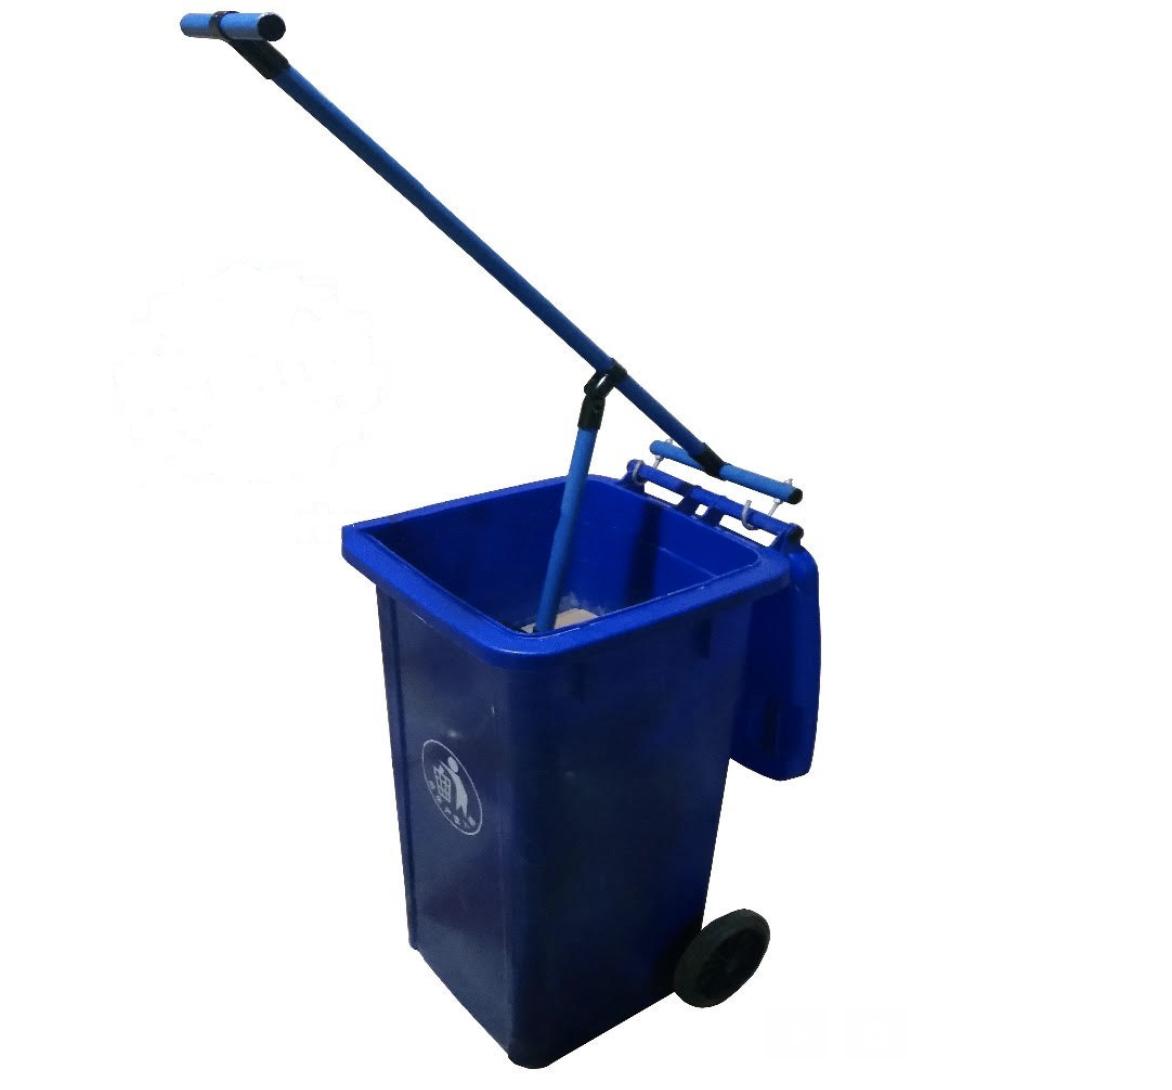 Manual Trash Compactor Waste bin compressor New. Metal frame